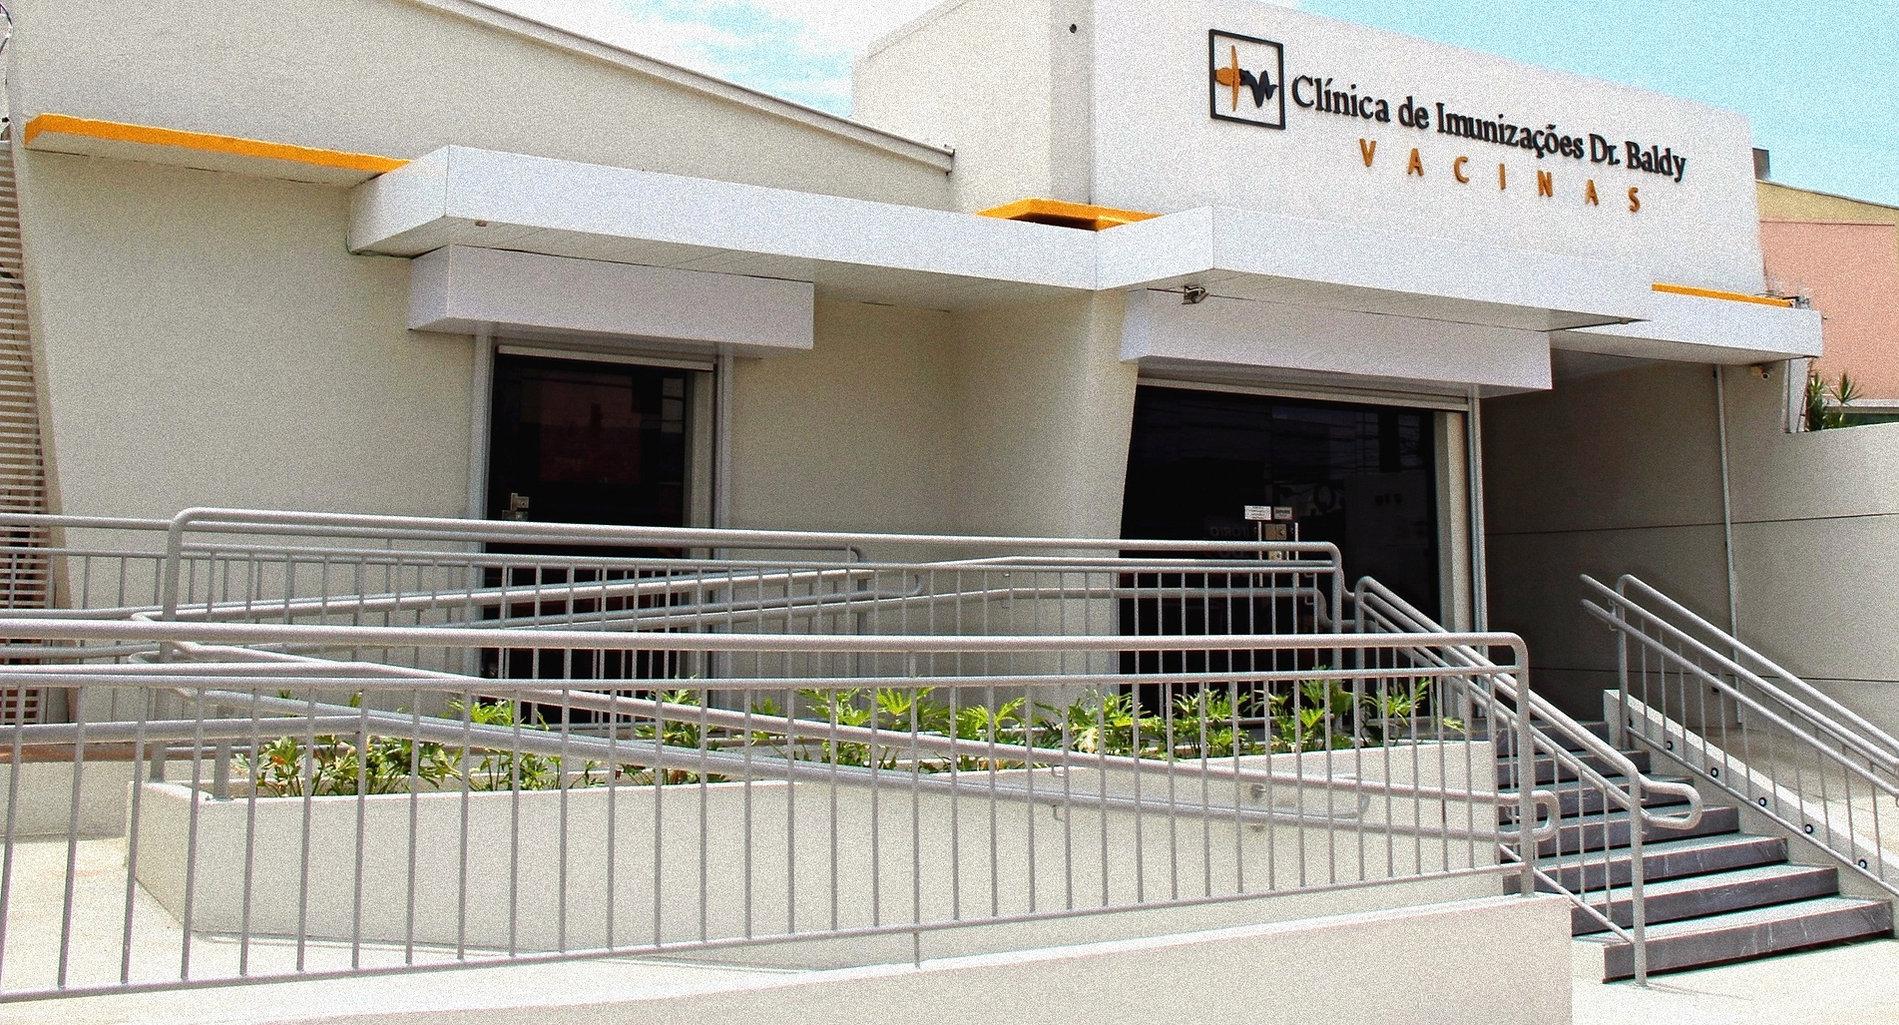 Clinica de vacinação